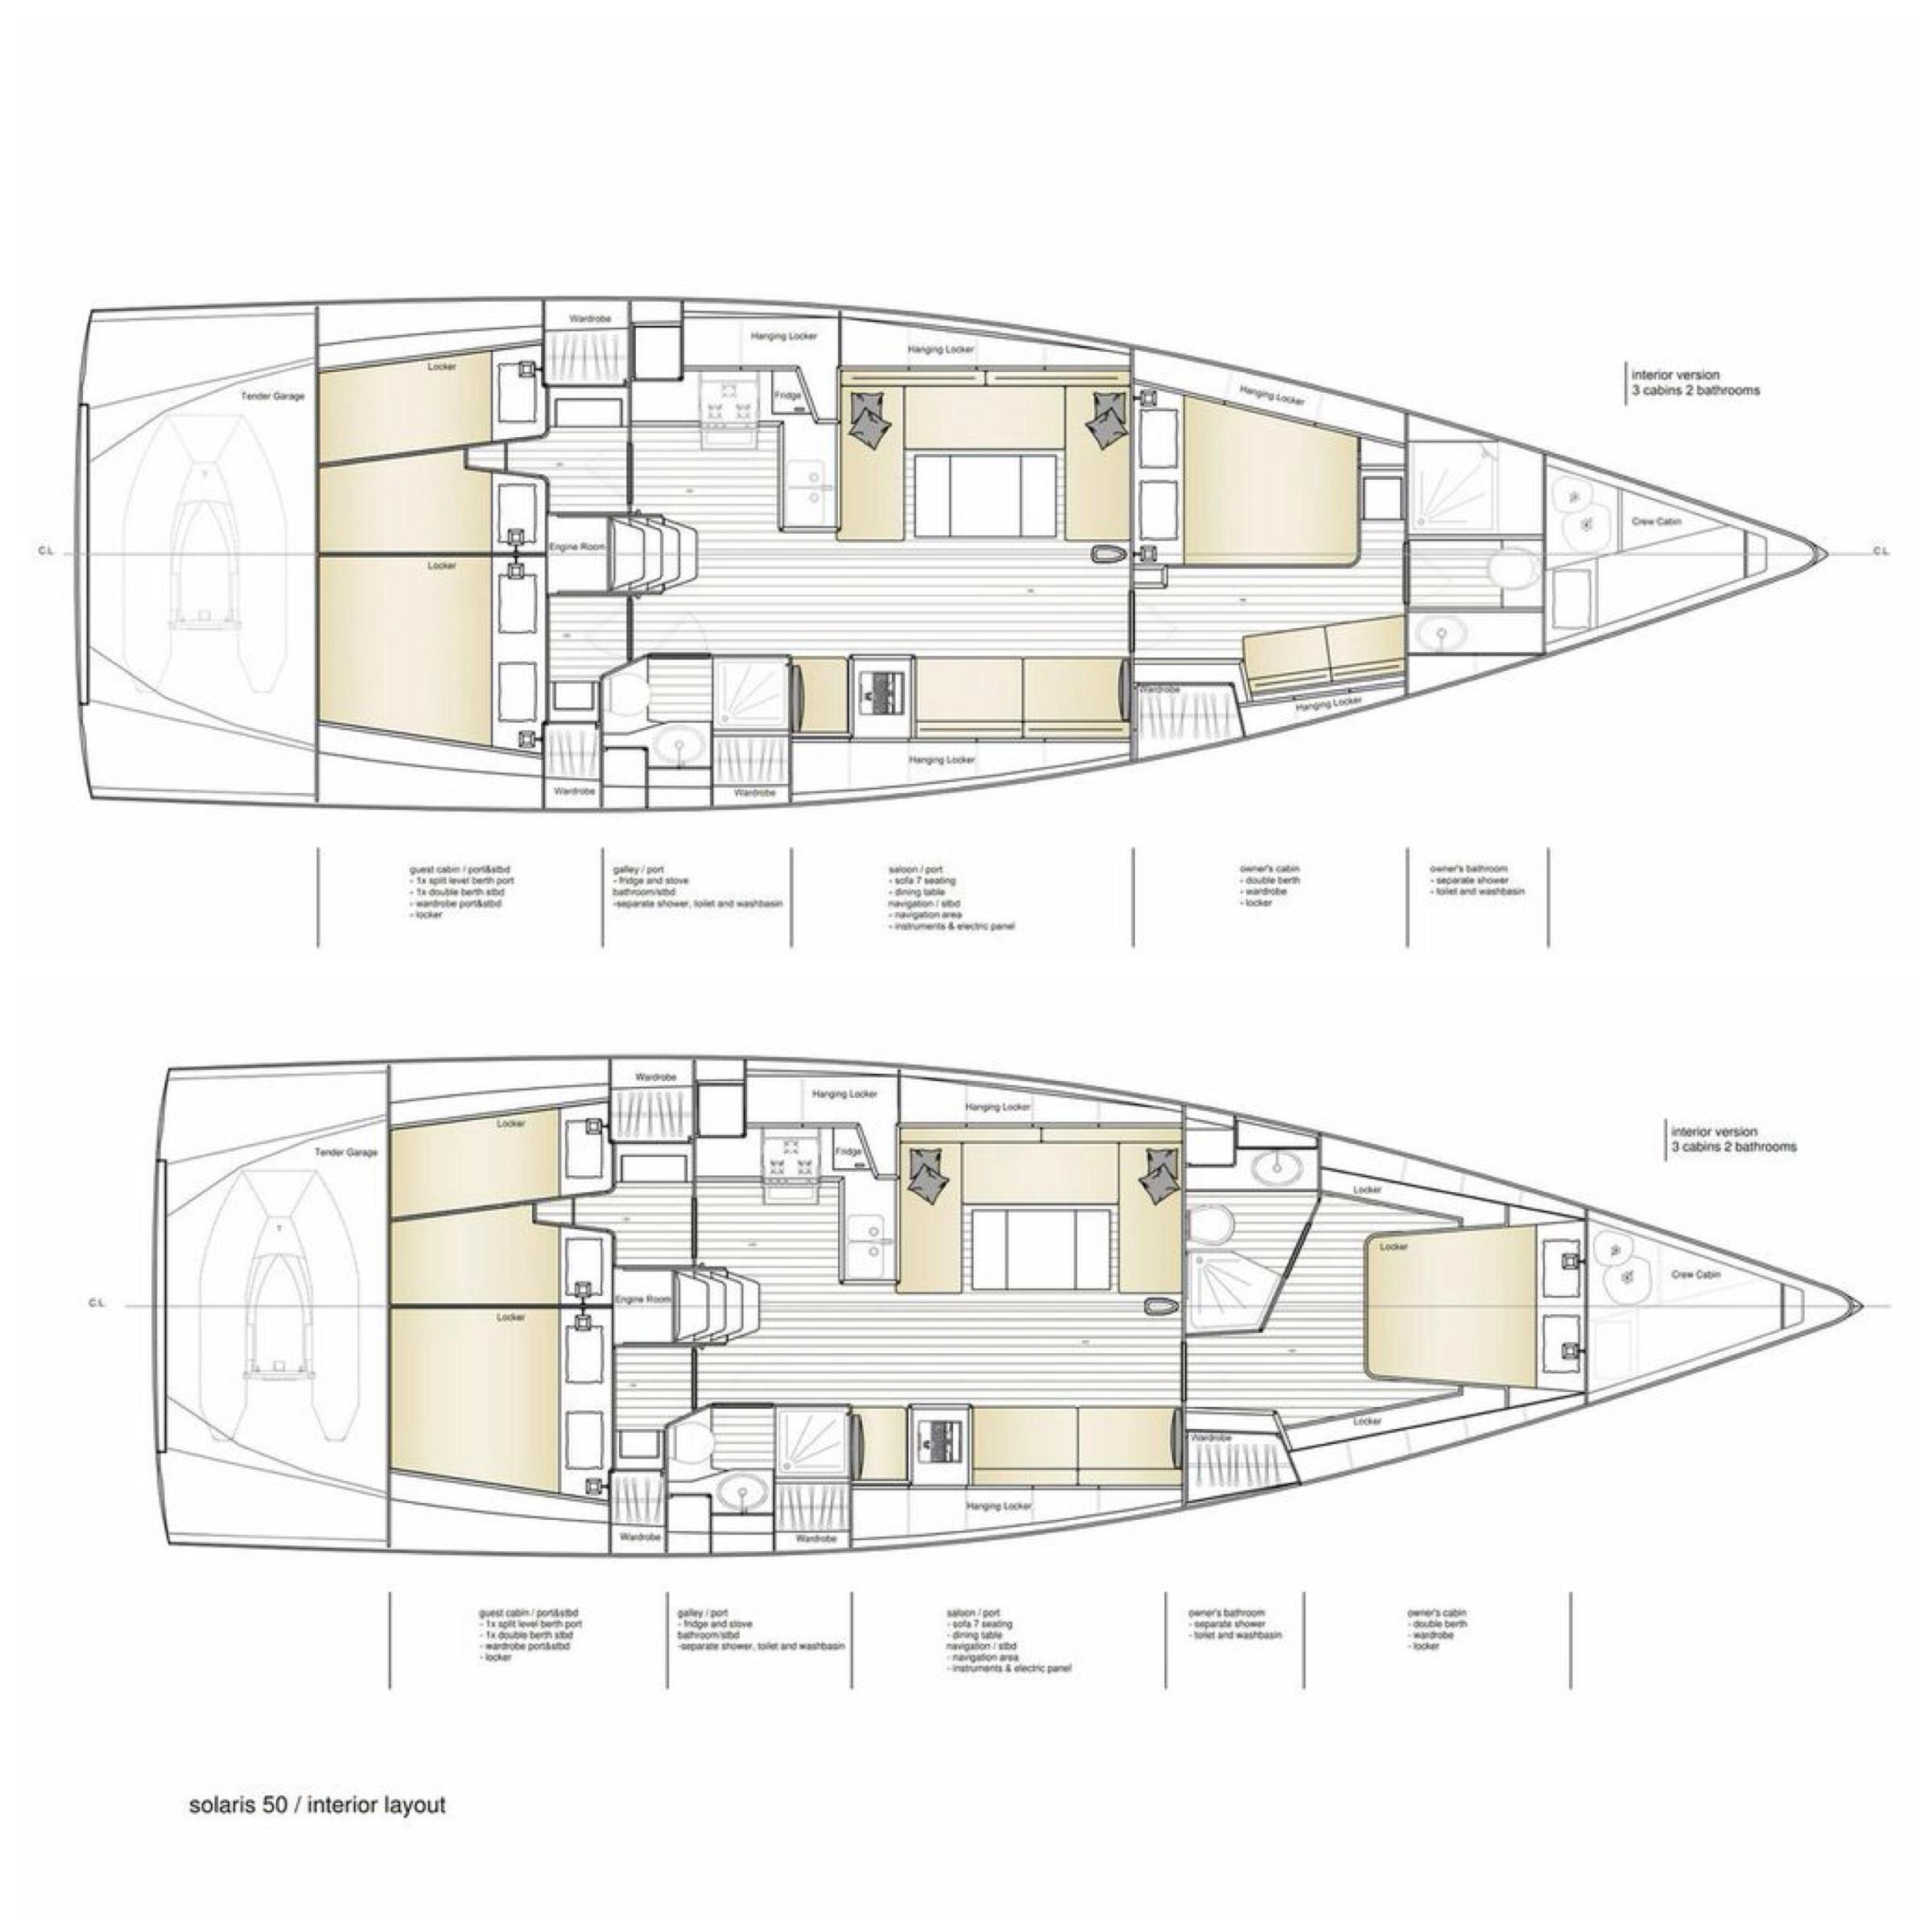 Nuovo solaris 50 una barca per fare tendenza for Fuori piani di costruzione